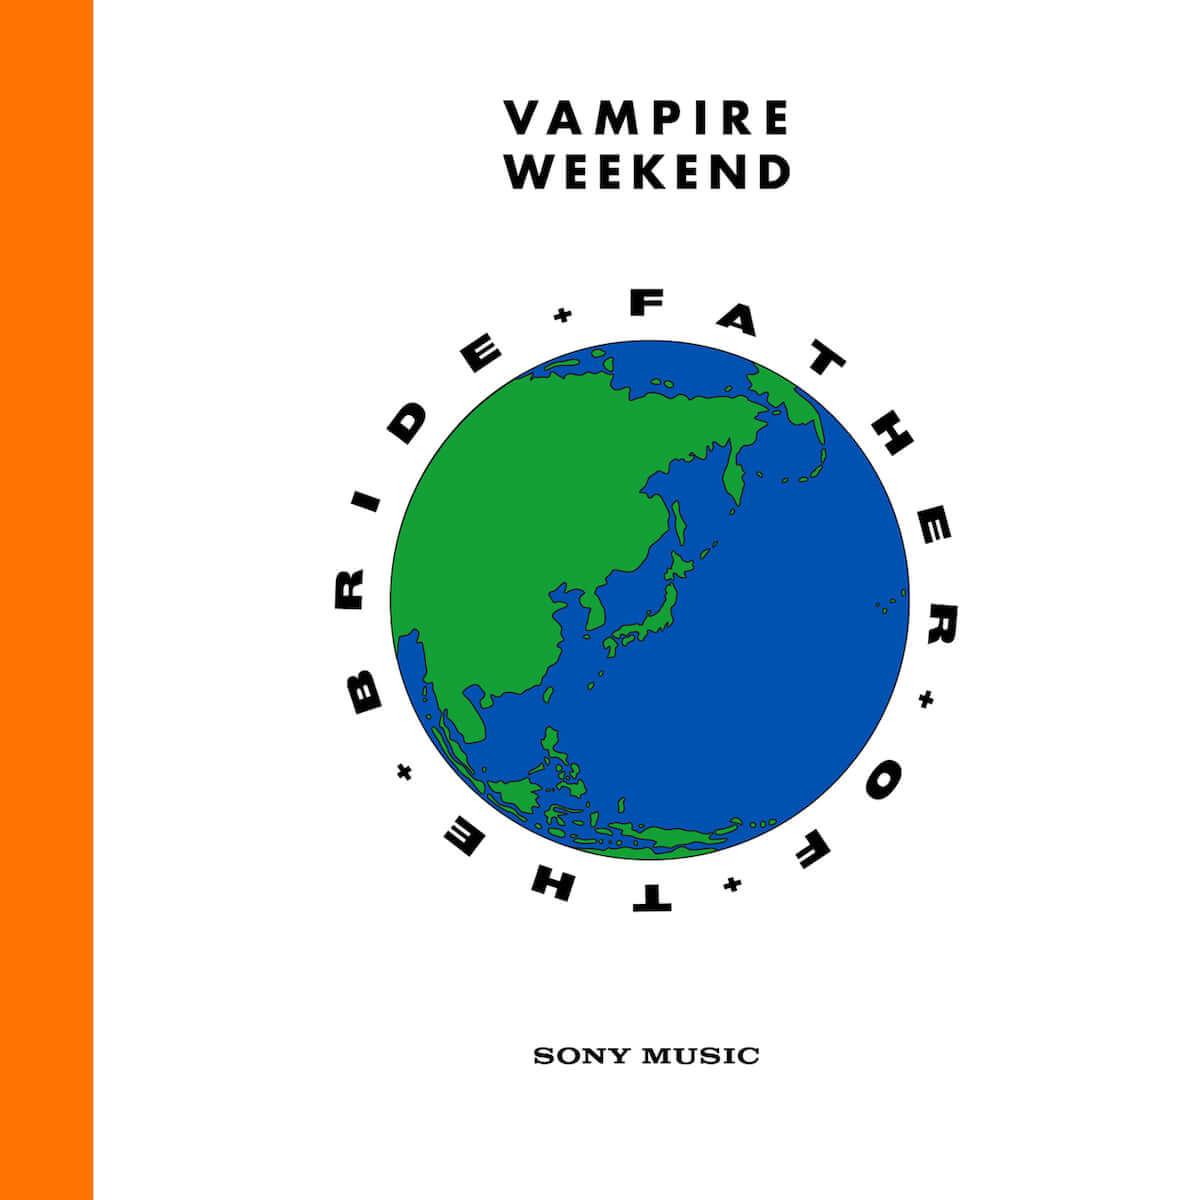 エズラ・クーニグ緊急来日!ヴァンパイア・ウィークエンド、新作『ファーザー・オブ・ザ・ブライド』日本盤5月15日発売決定 music190405_ezra_vampireweekend_1-1200x1200